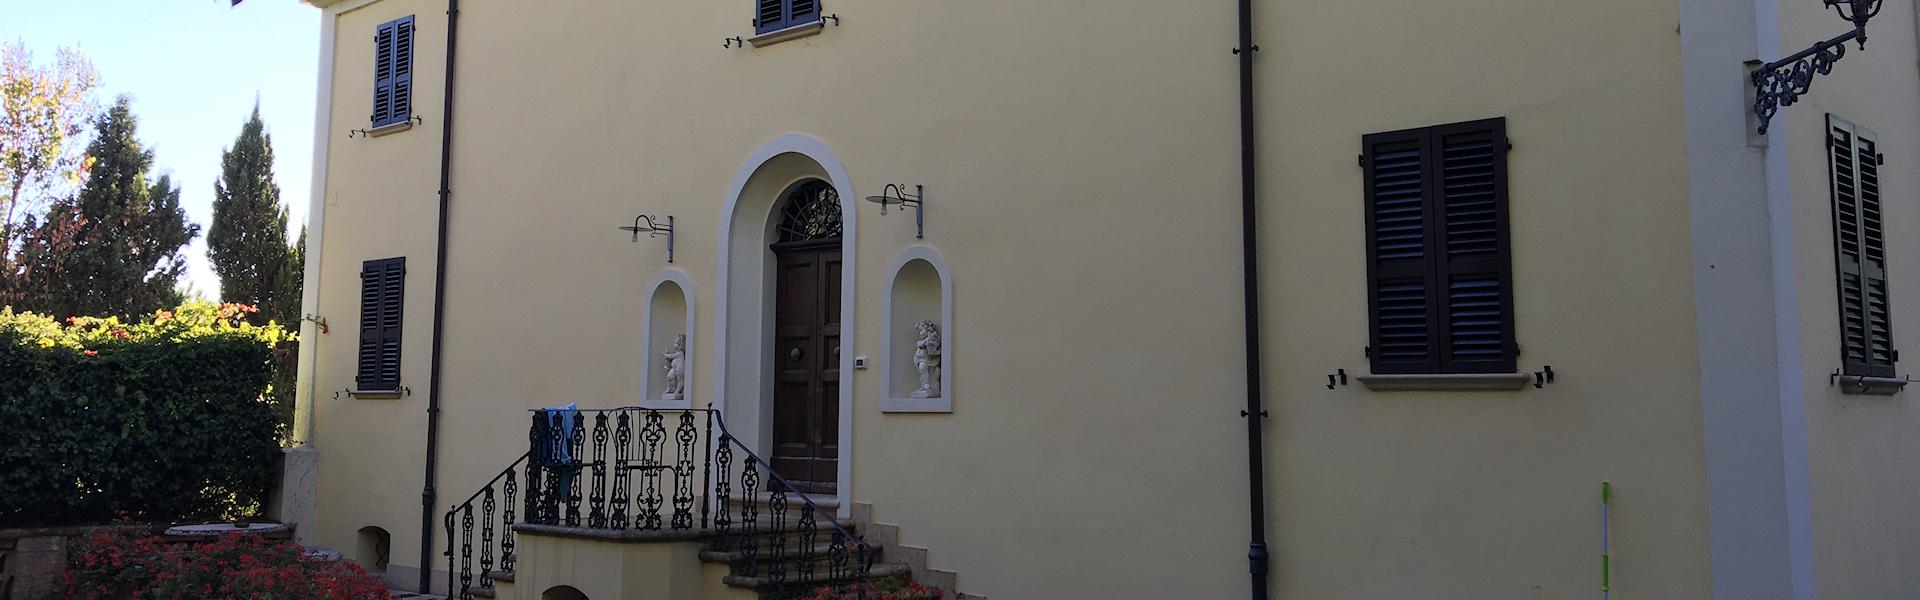 Appartamento a cesena cervia milano marittima e dintorni for Affitti milano monolocali arredati